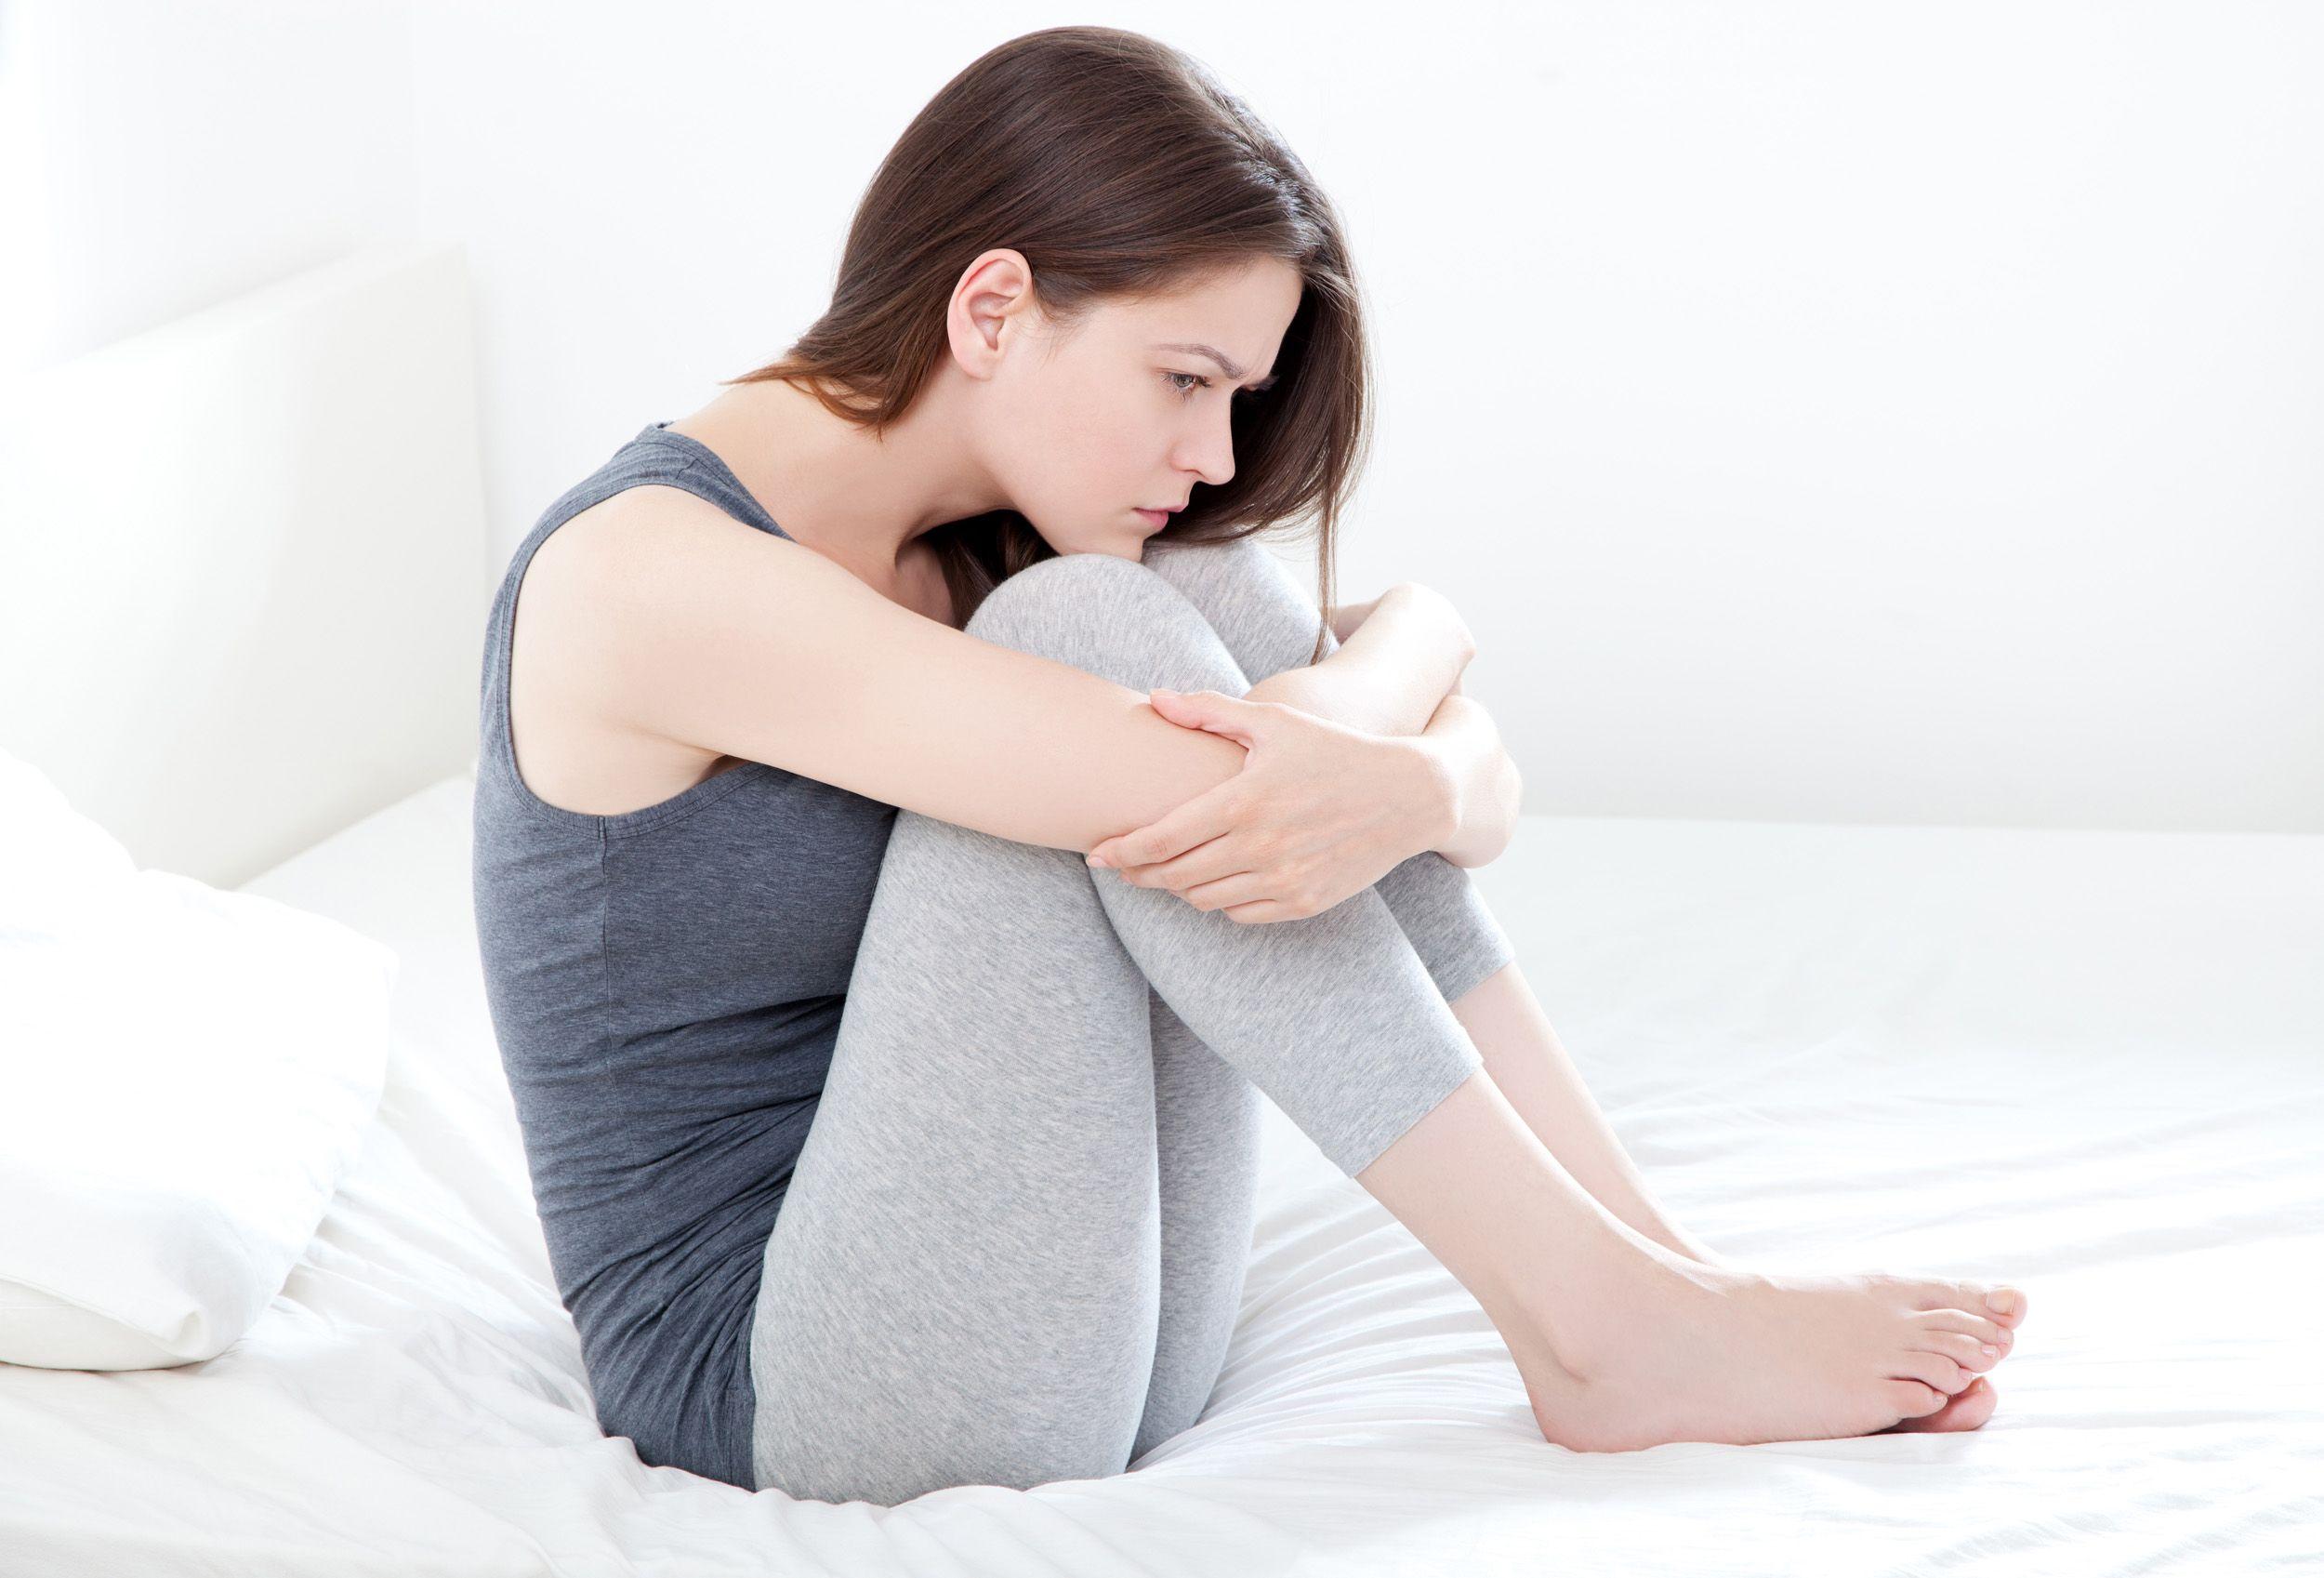 Уреаплазмоз у женщин: причины, симптомы, лечение